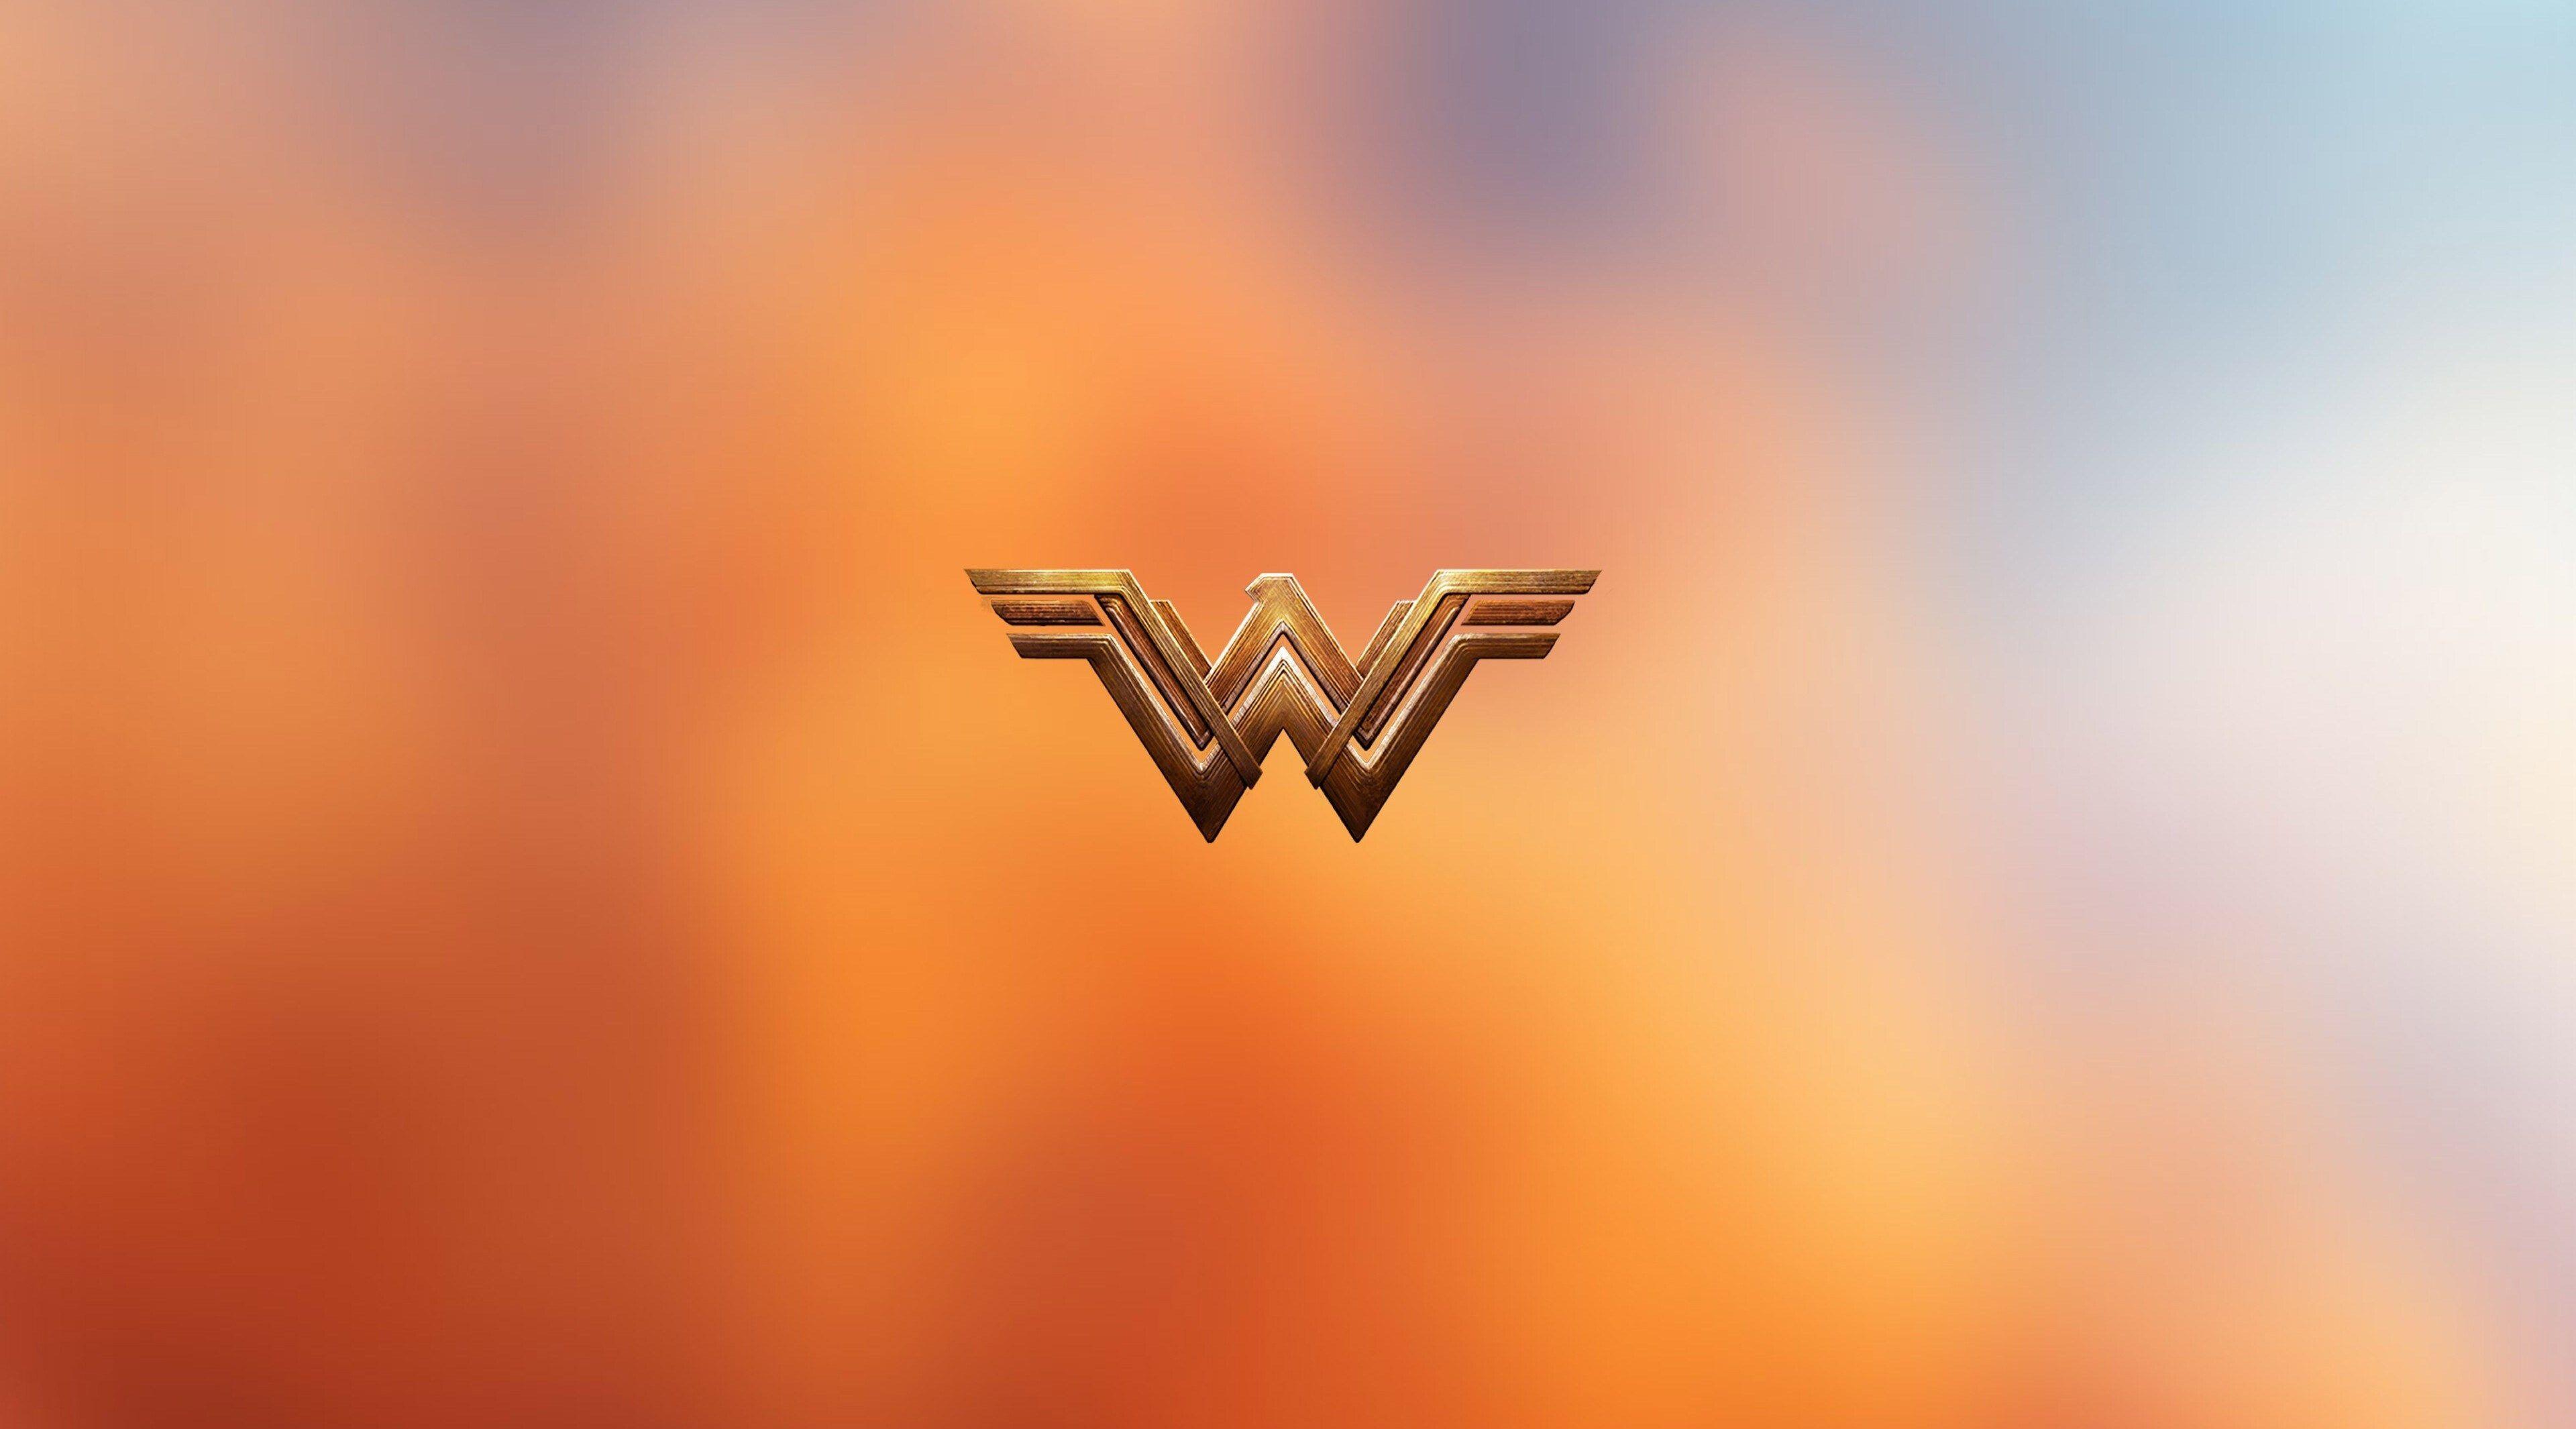 3840x2130 wonder woman 4k wallpaper hd pc download